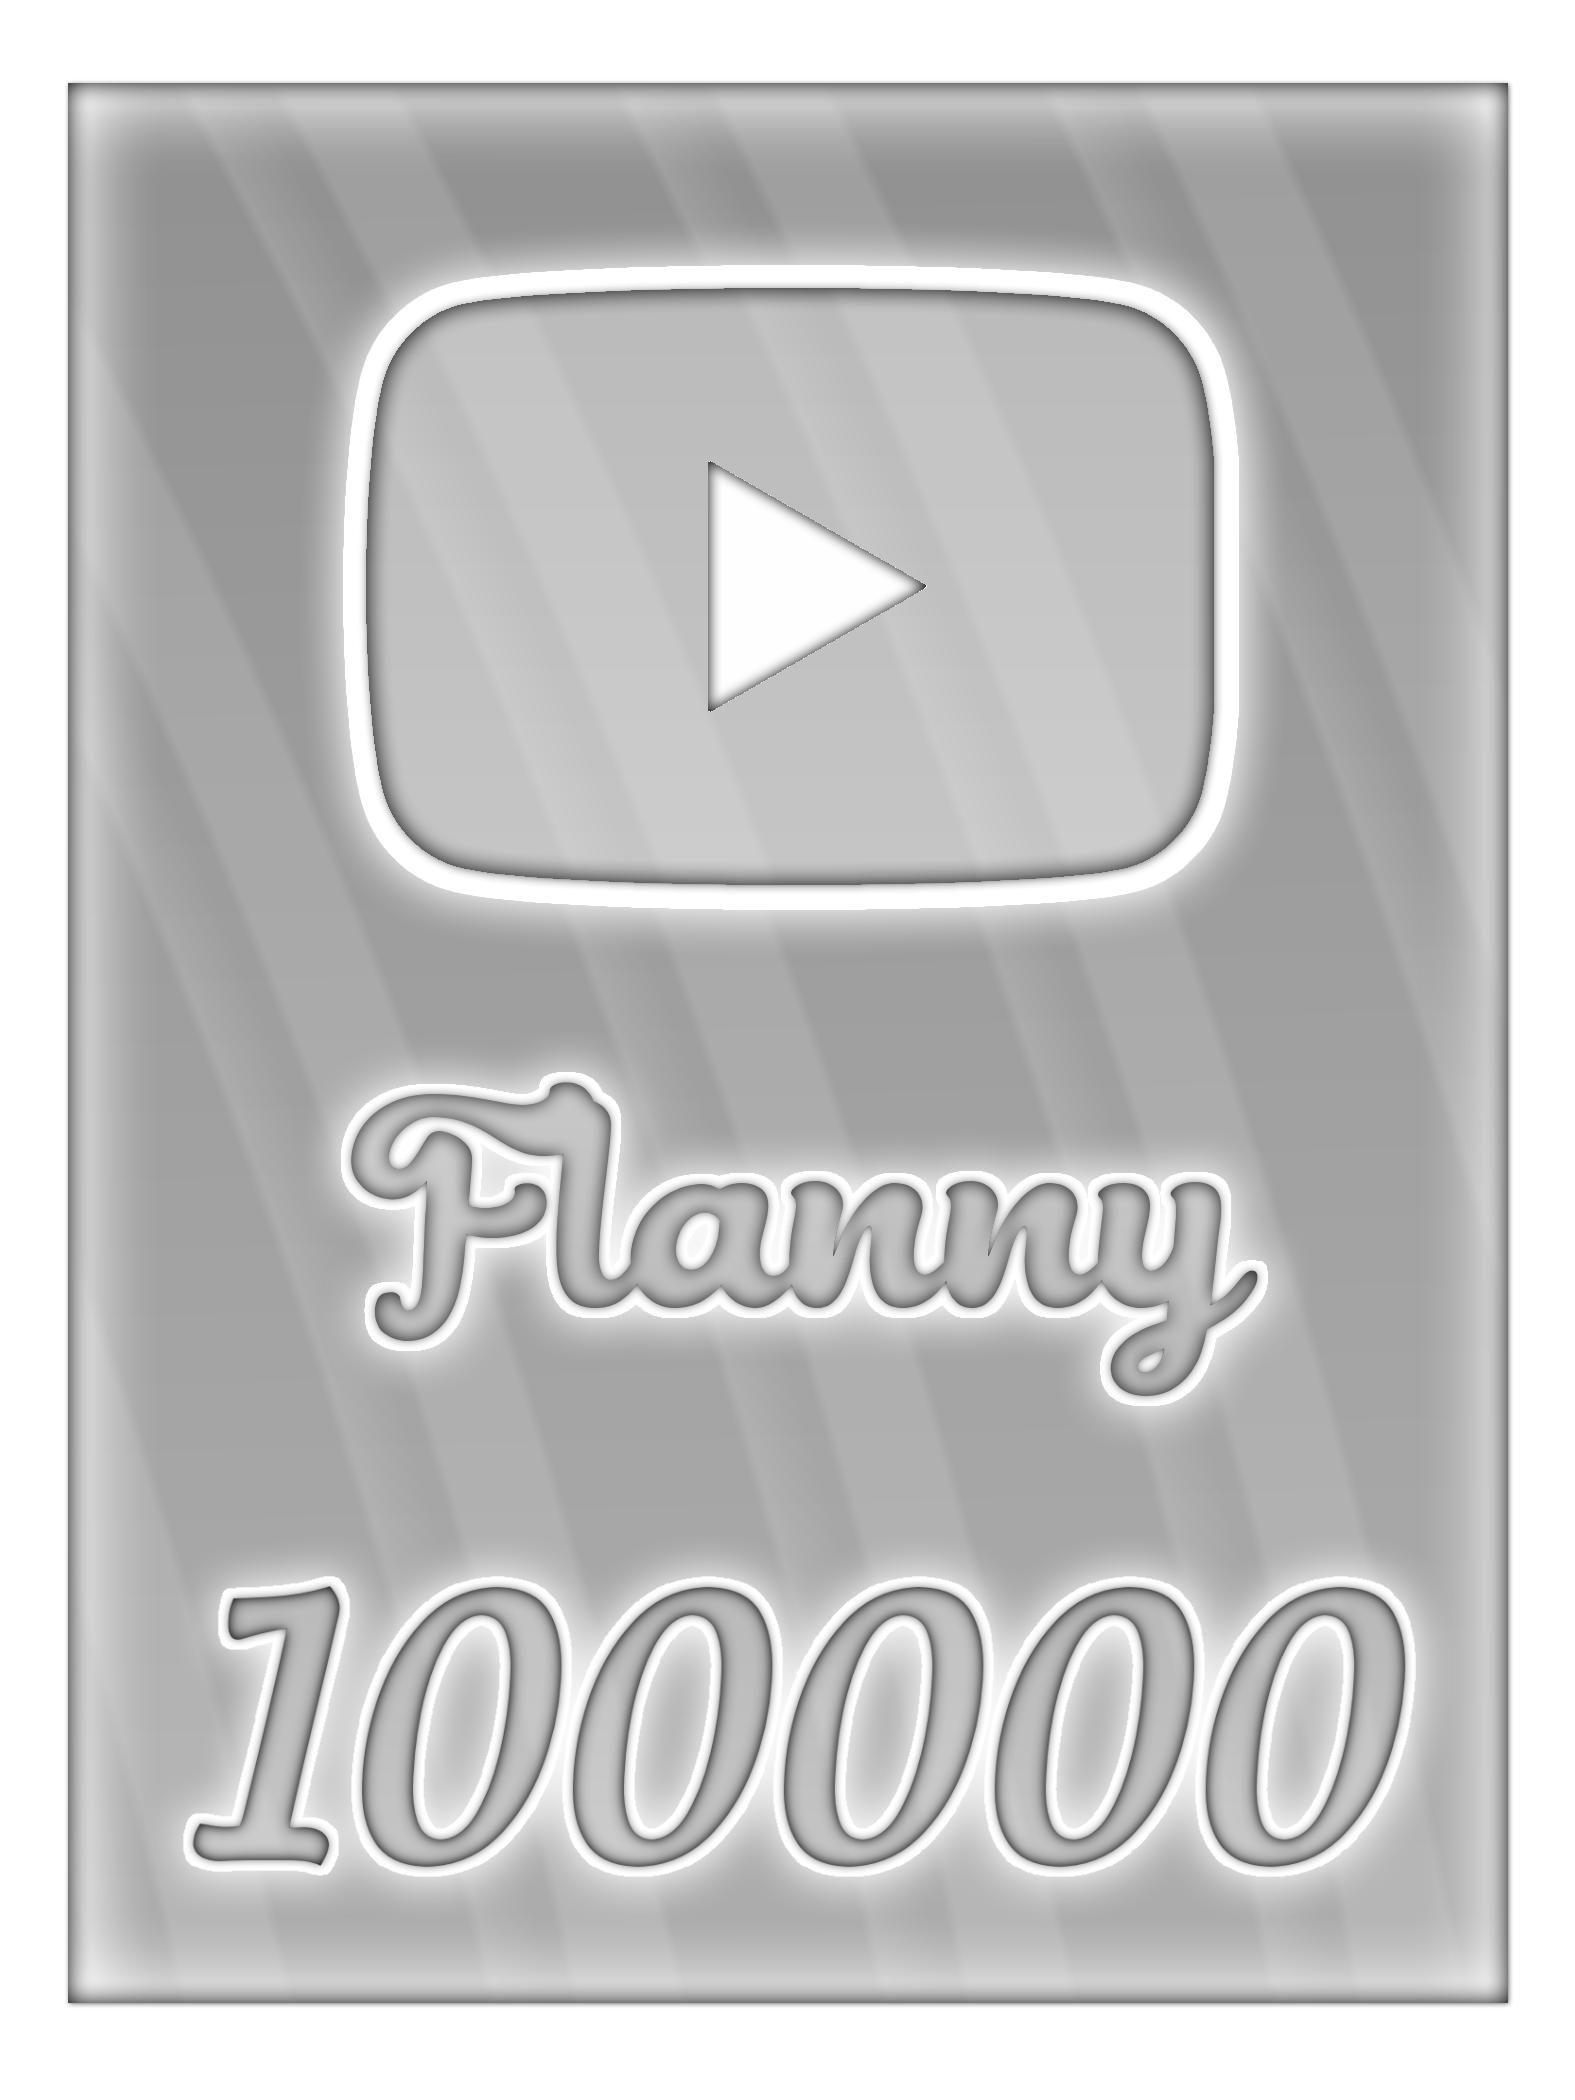 Flanny 100K trophee